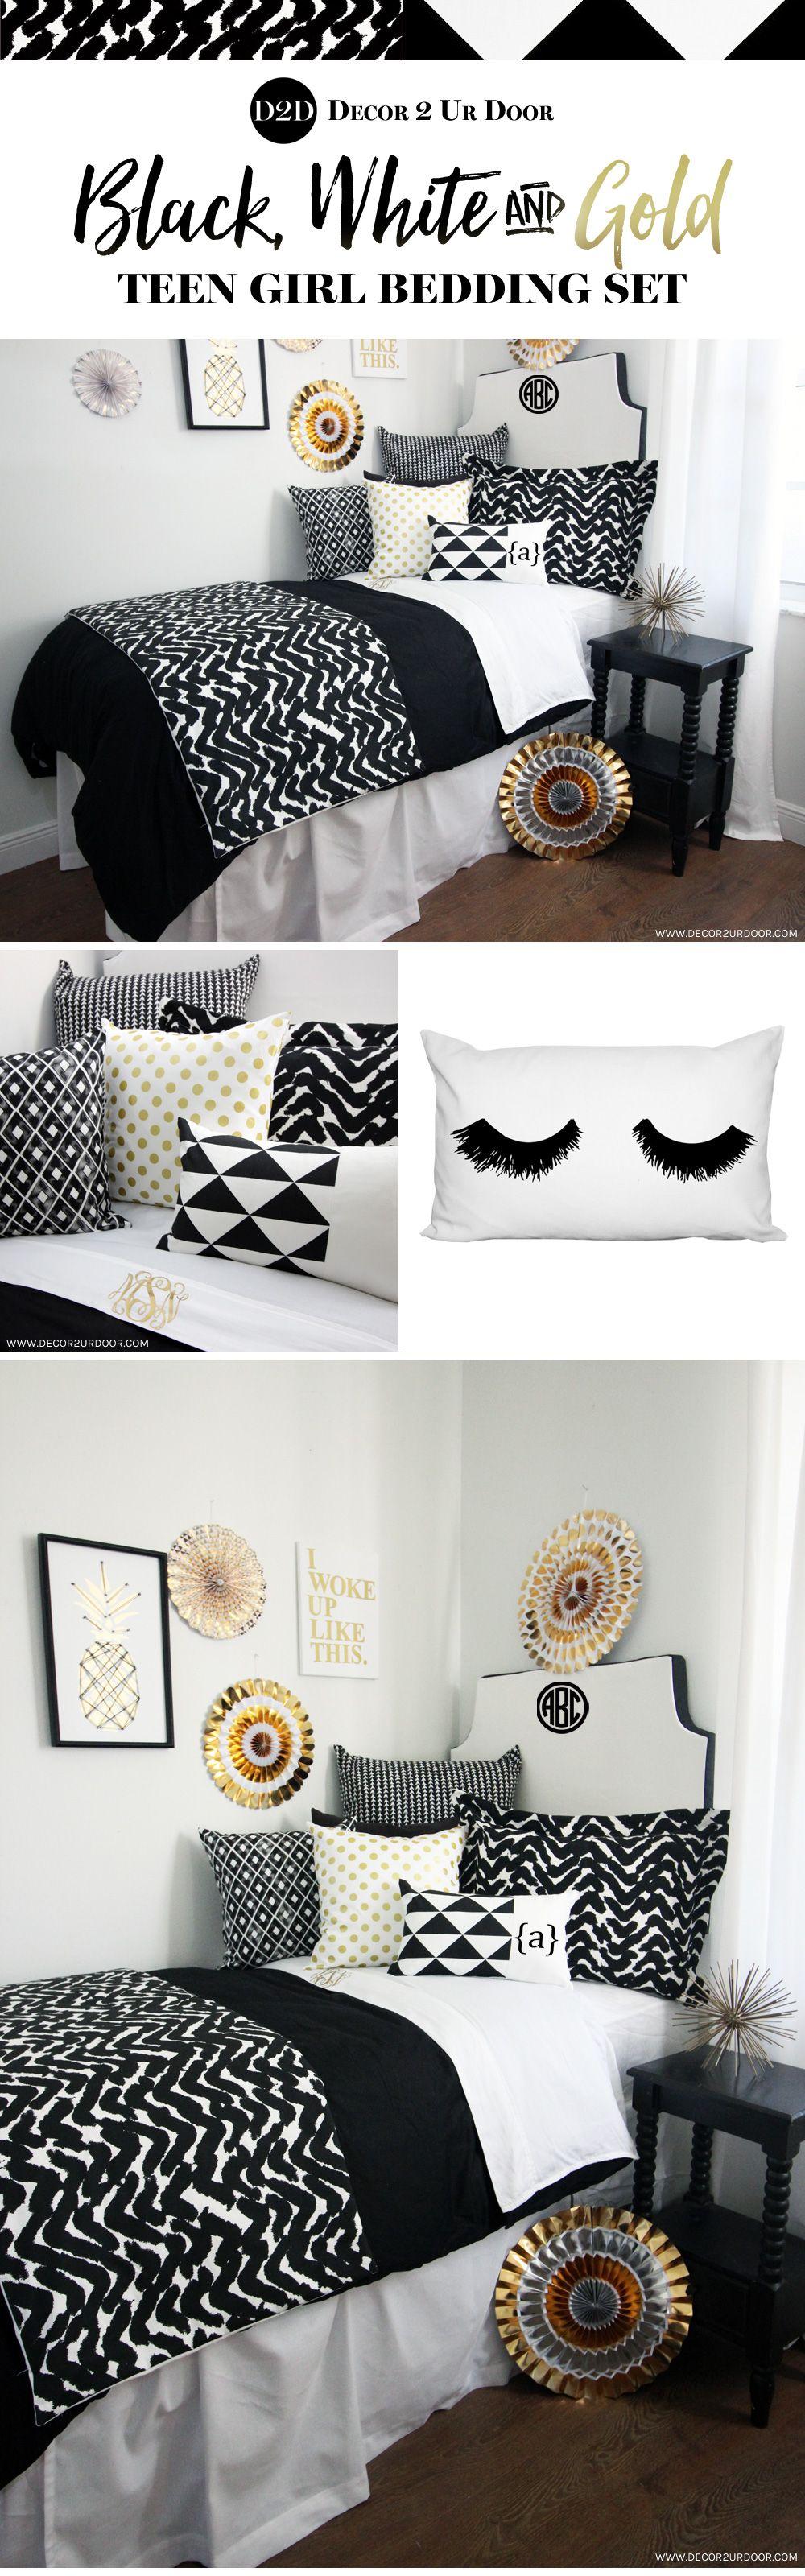 Trendy Black And White Dorm Room Bold Black And Beautiful This Black And White And Gold Dorm Bedding White Dorm Room Dorm Room Bedding Modern Dorm Room